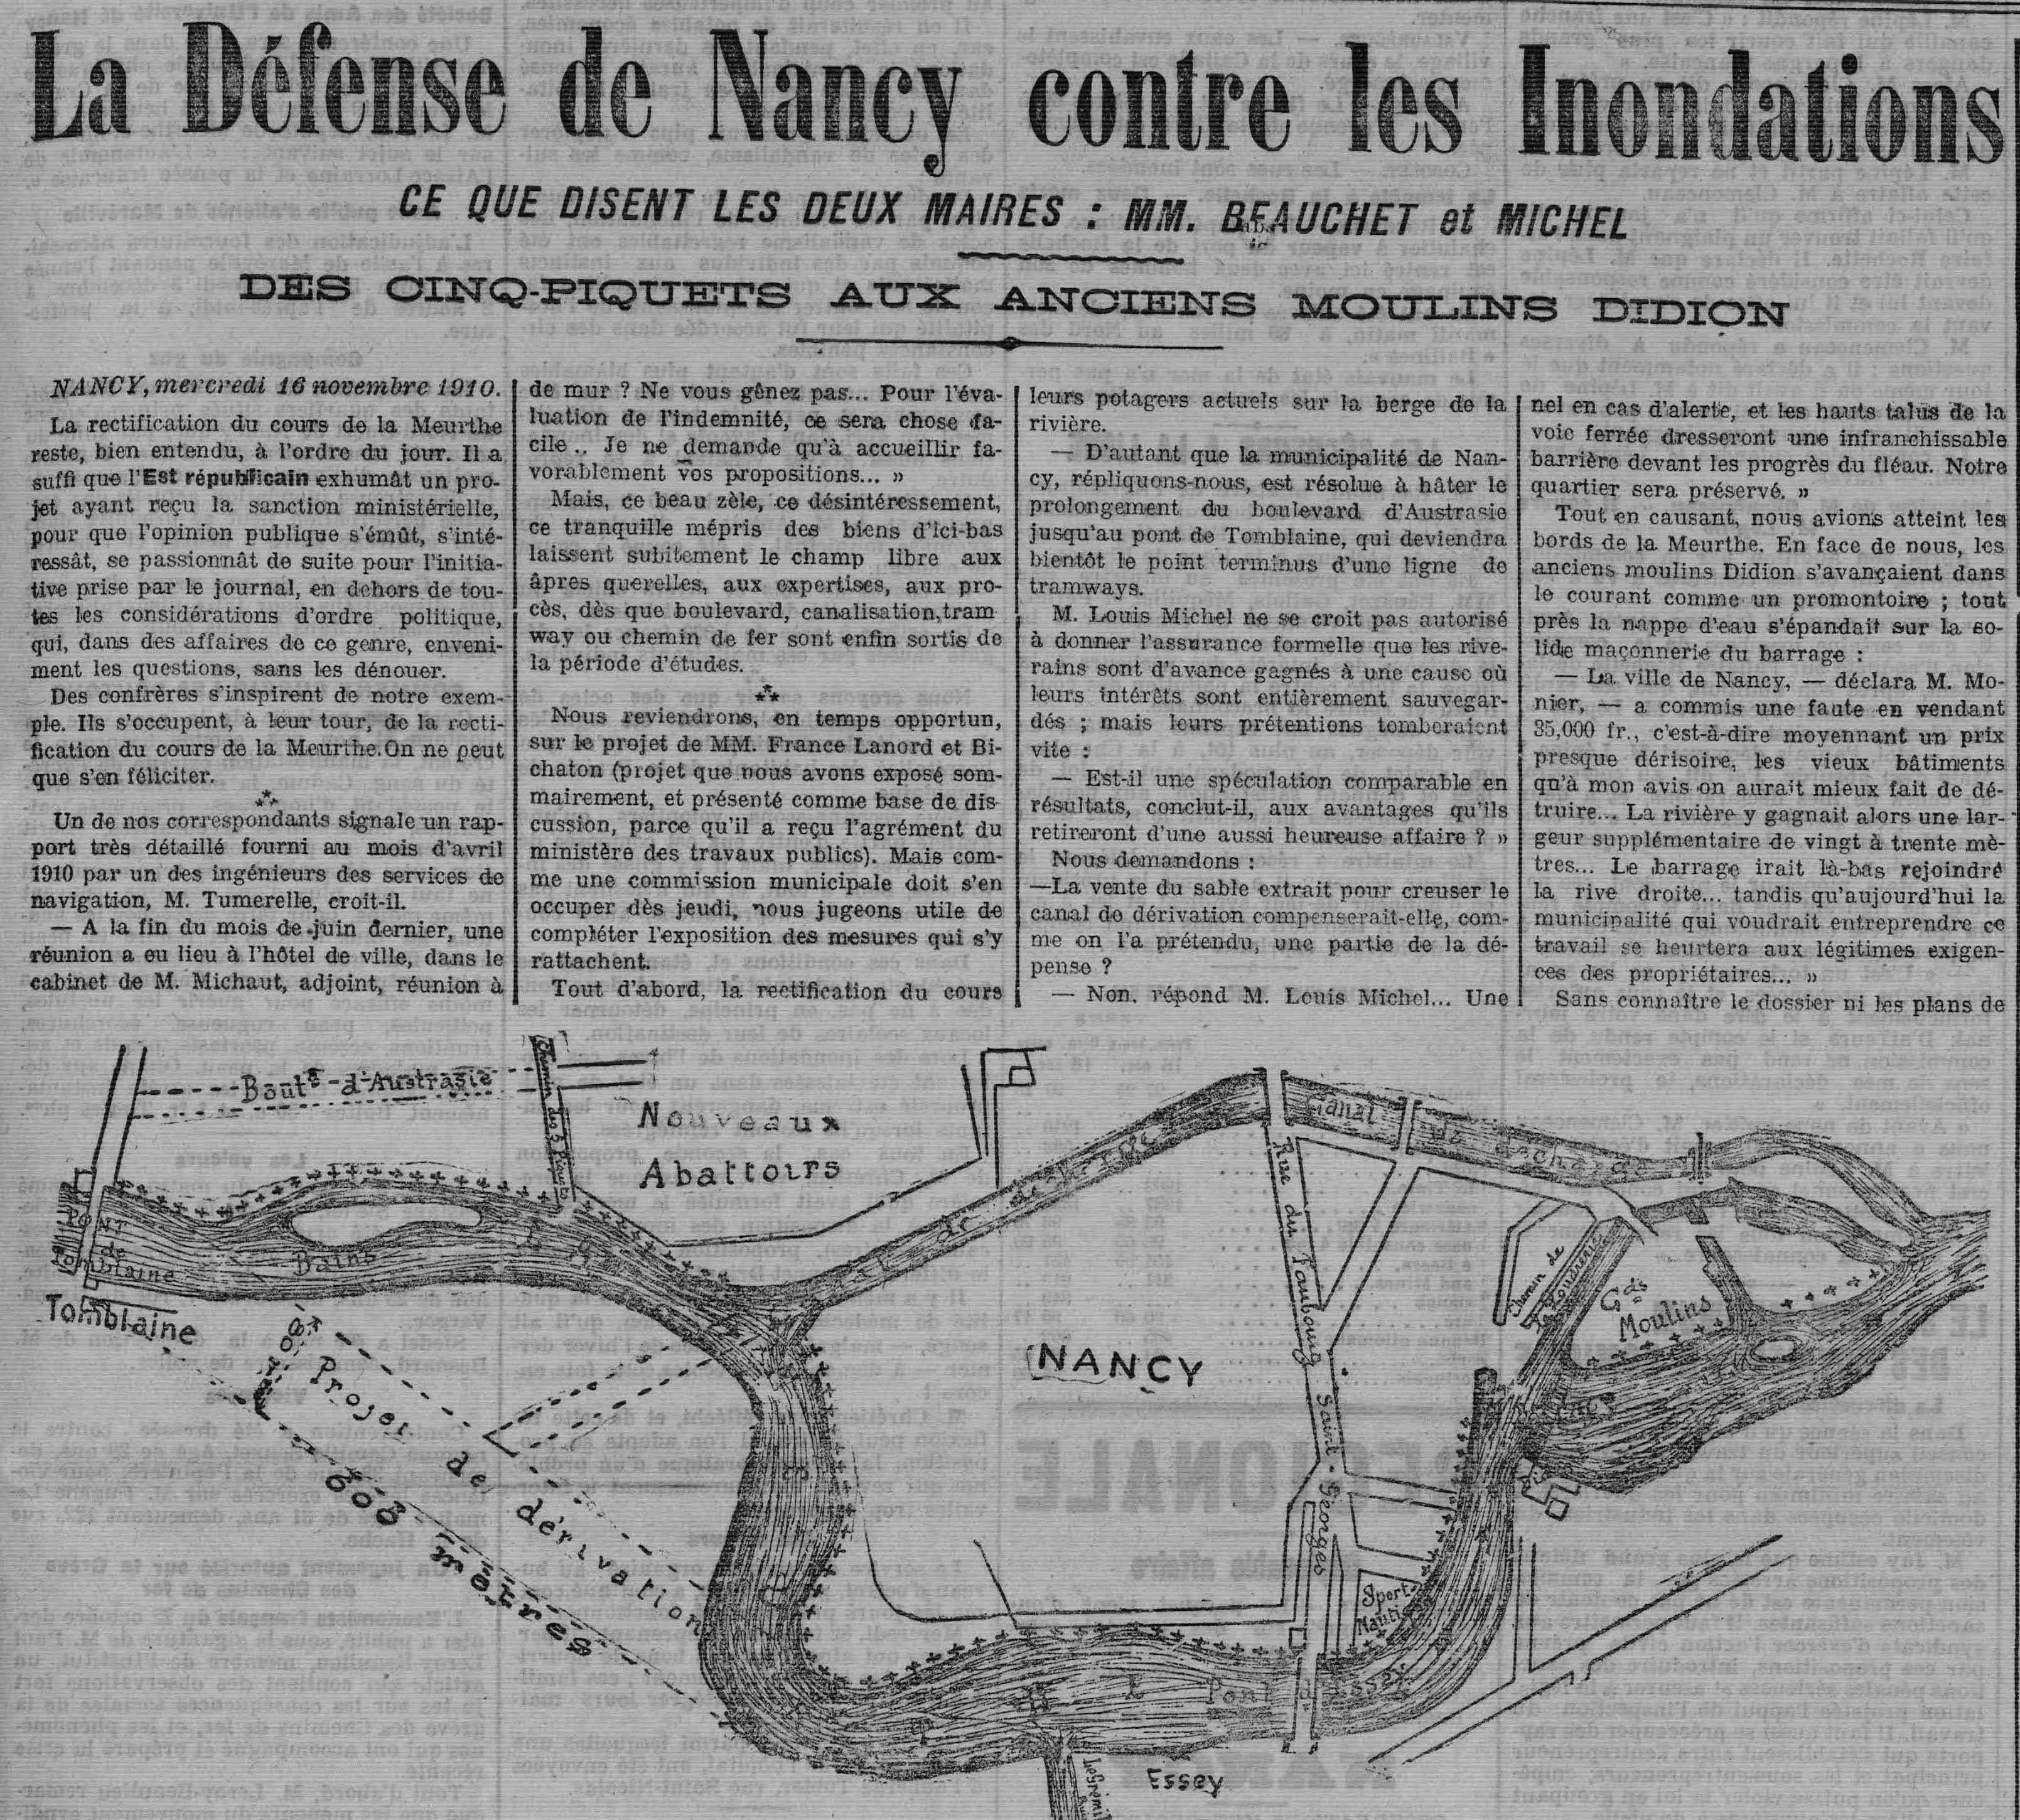 Contenu du L'Est Républicain, 17 Novembre 1910